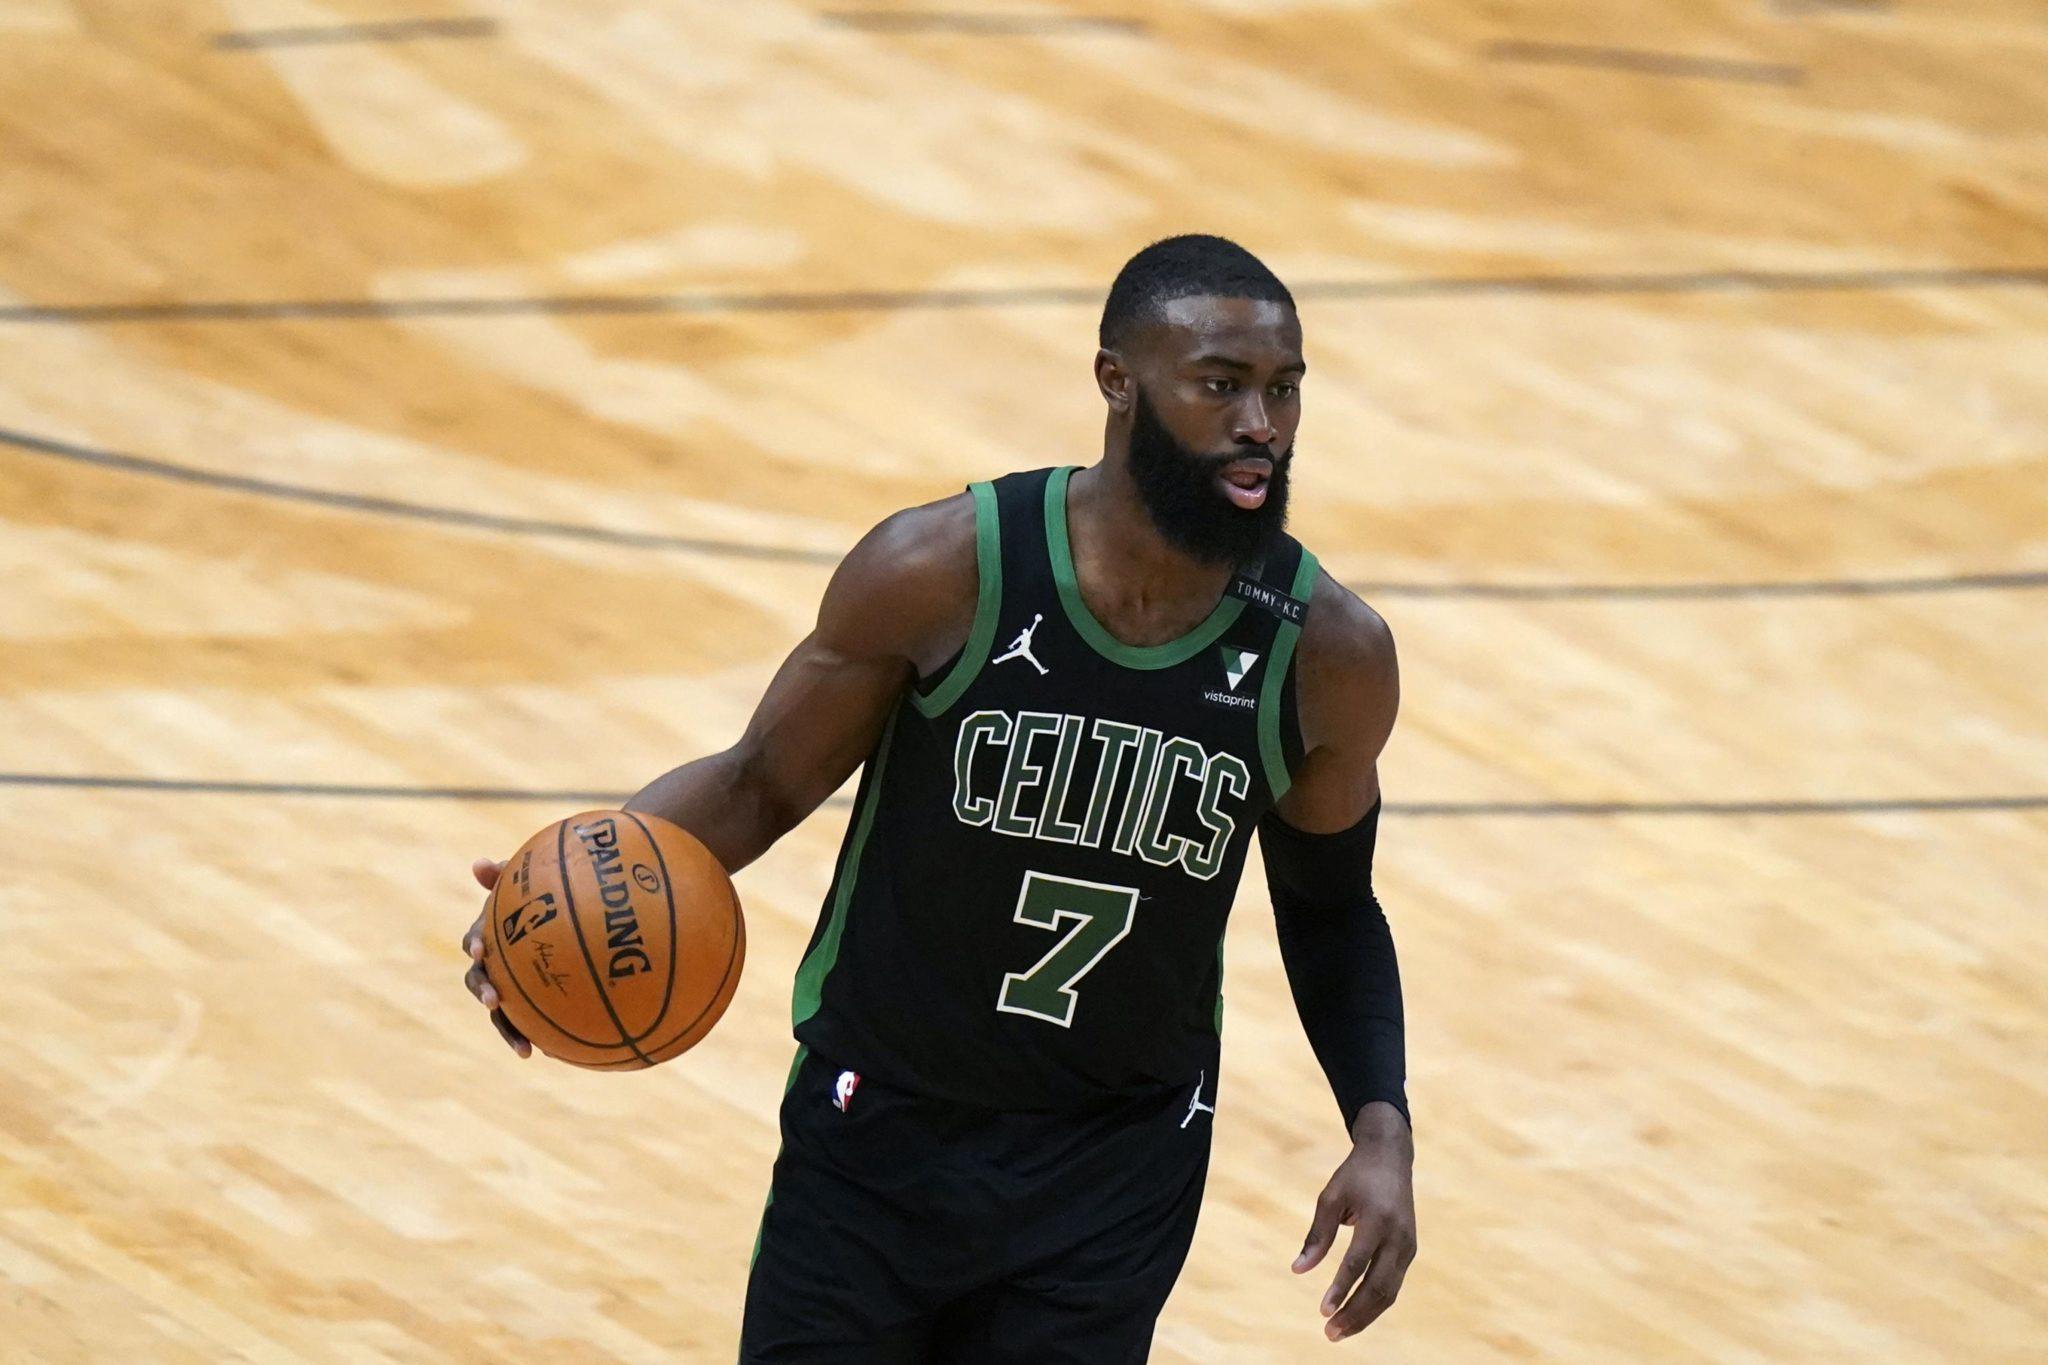 Celtics' Jaylen Brown Tests Positive for COVID-19